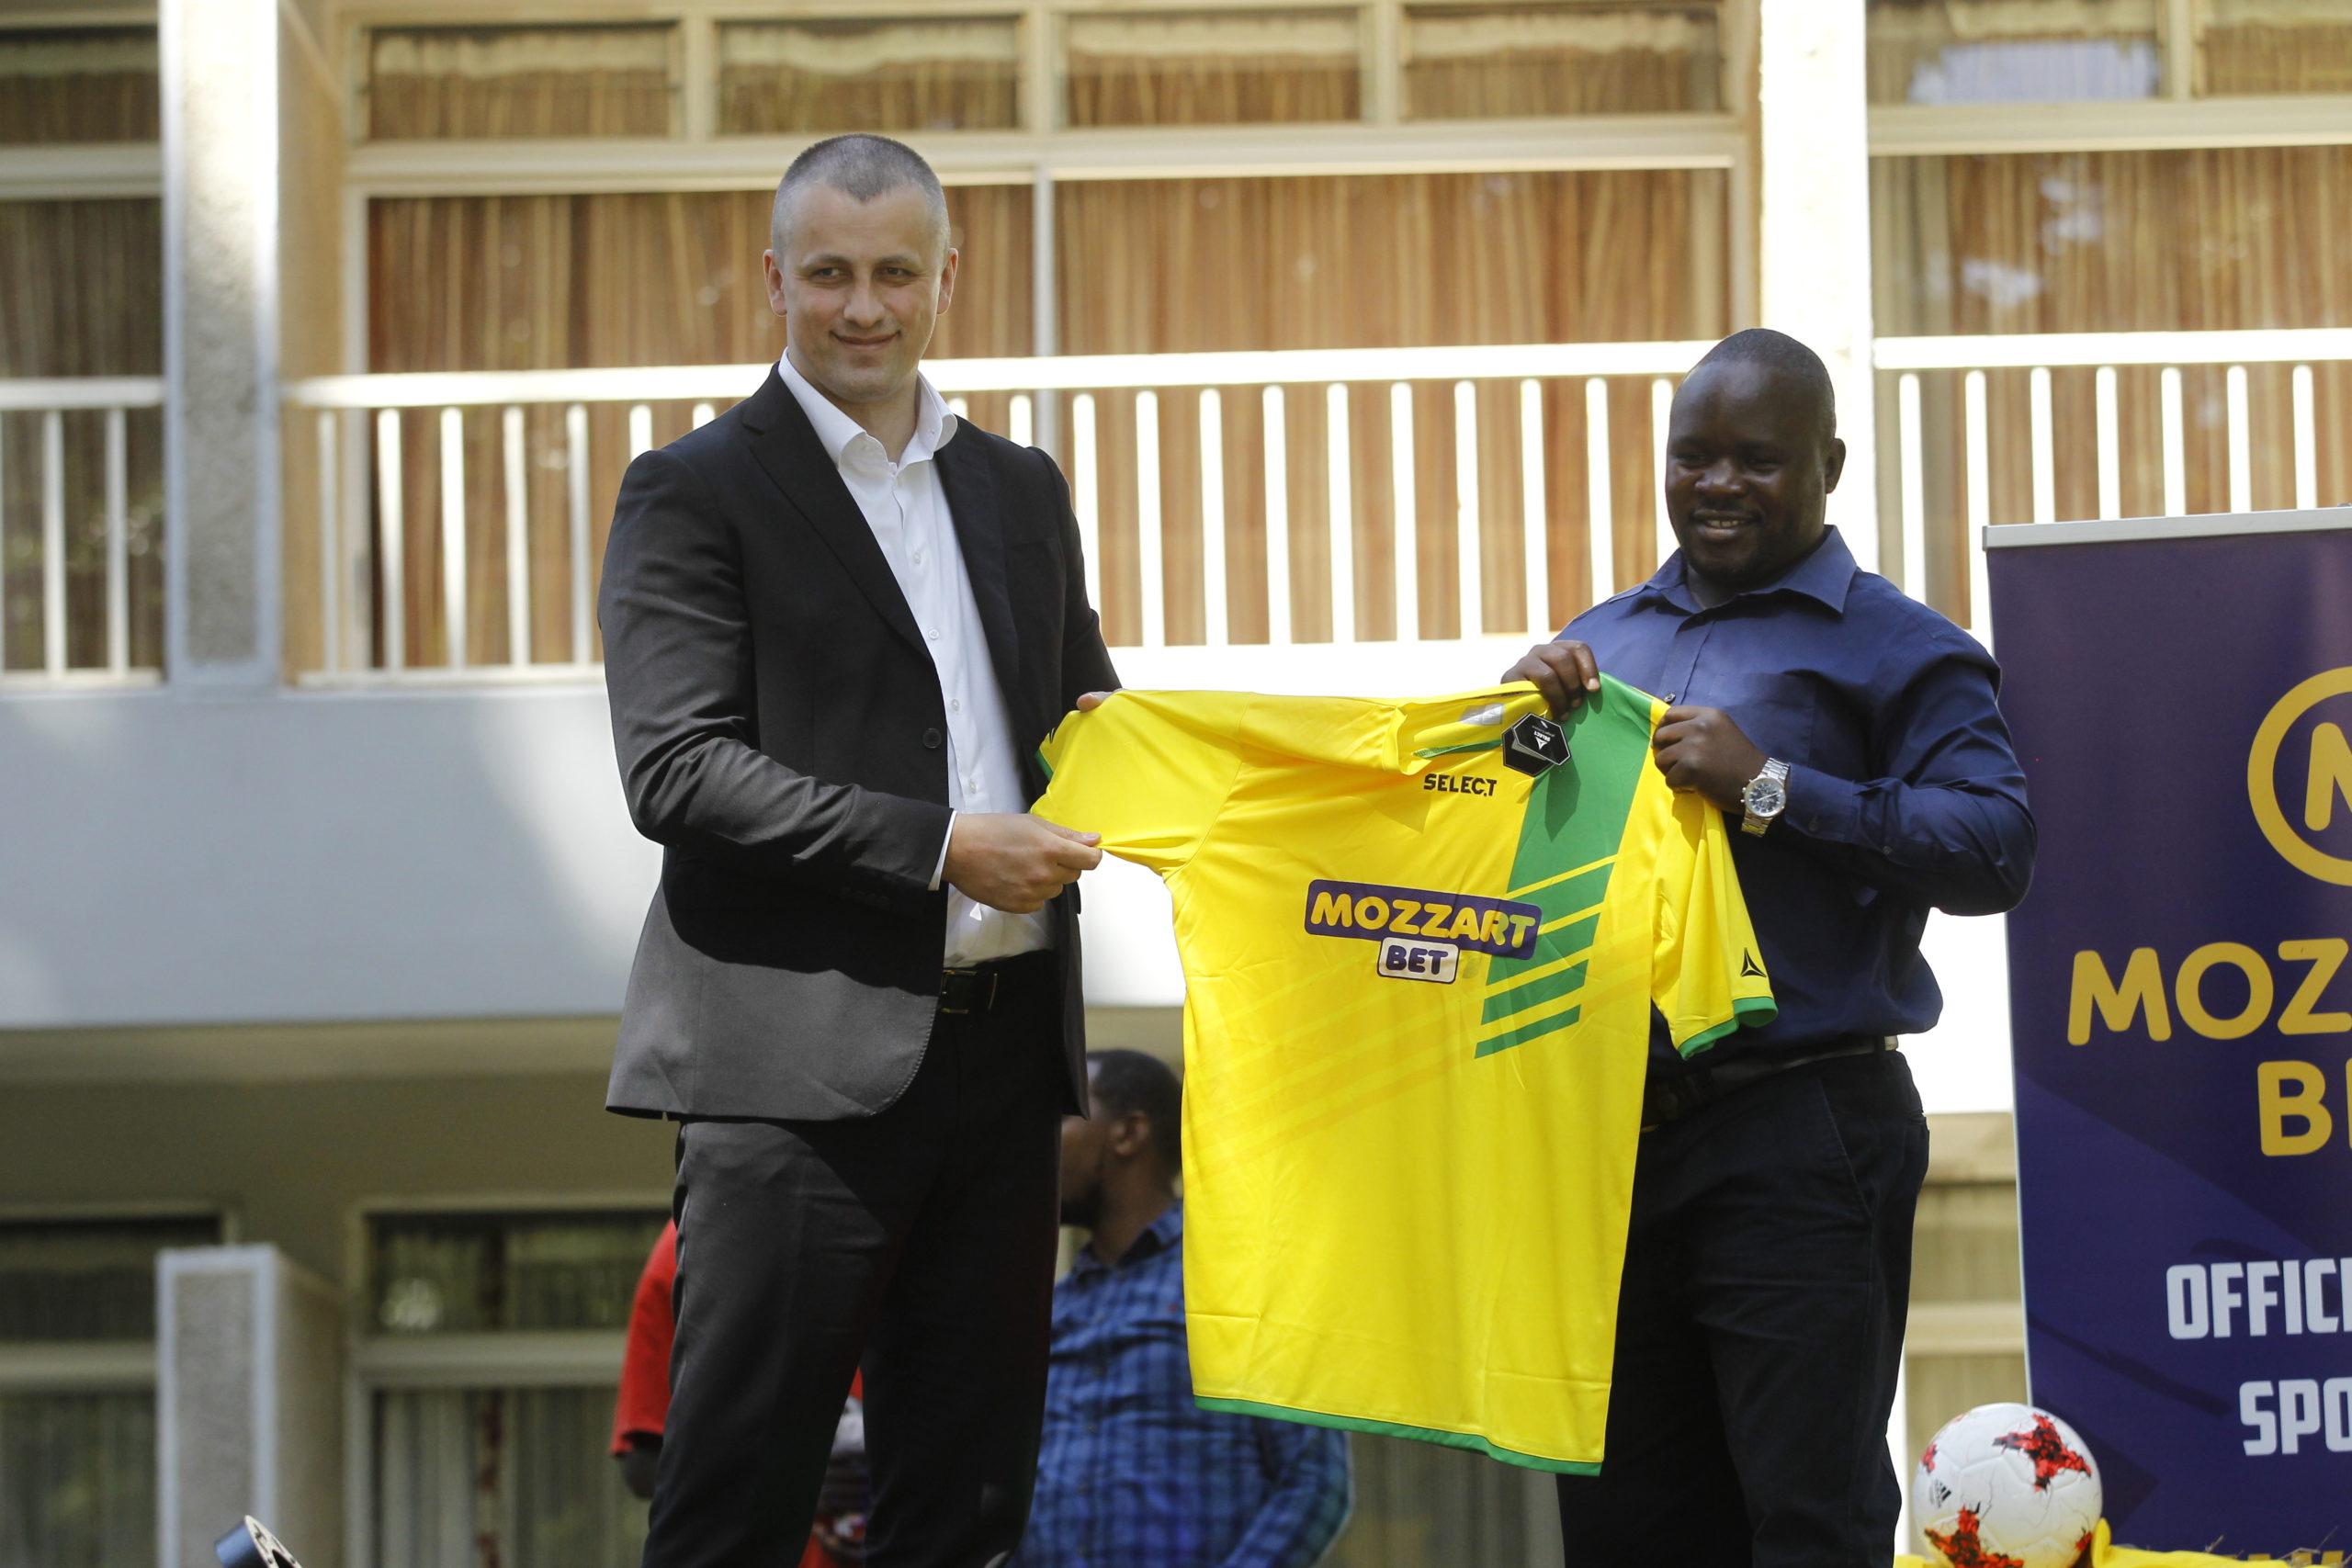 Mozzartbet Kenya unveiled as new sponsors of Kakamega Homeboyz in Ksh 20 Million deal